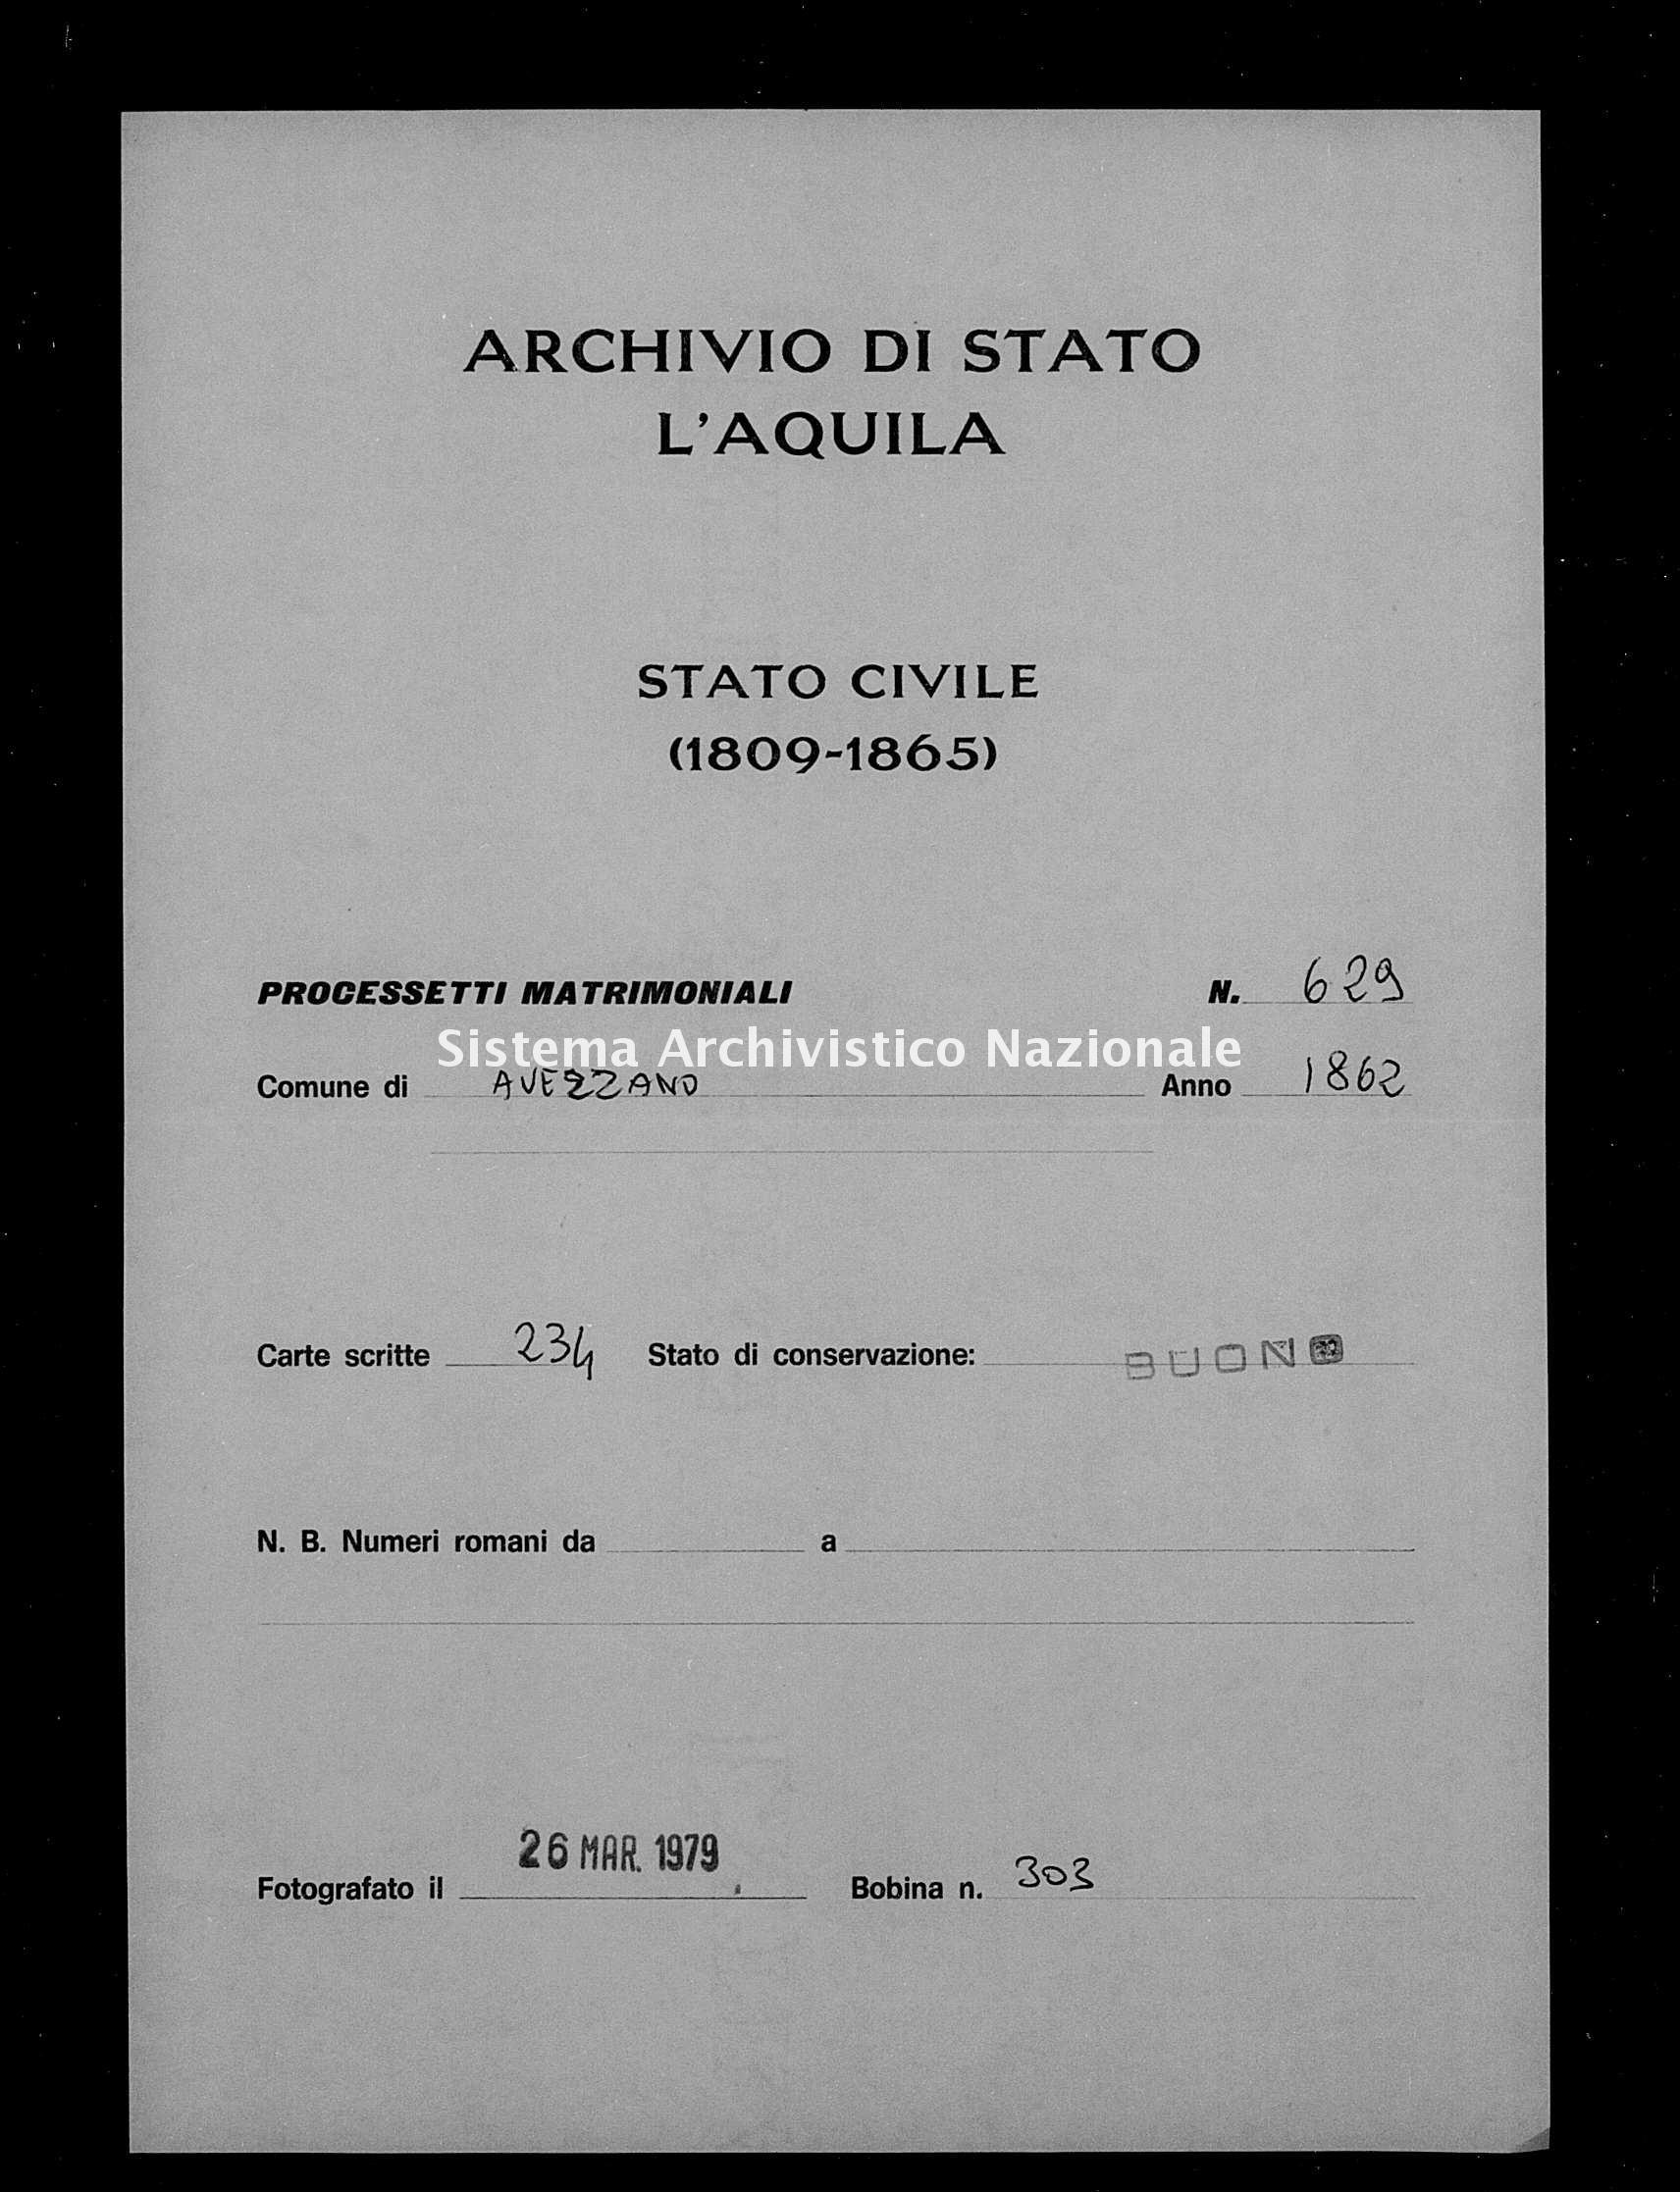 Archivio di stato di L'aquila - Stato civile italiano - Avezzano - Matrimoni, processetti - 1862 - 629 -